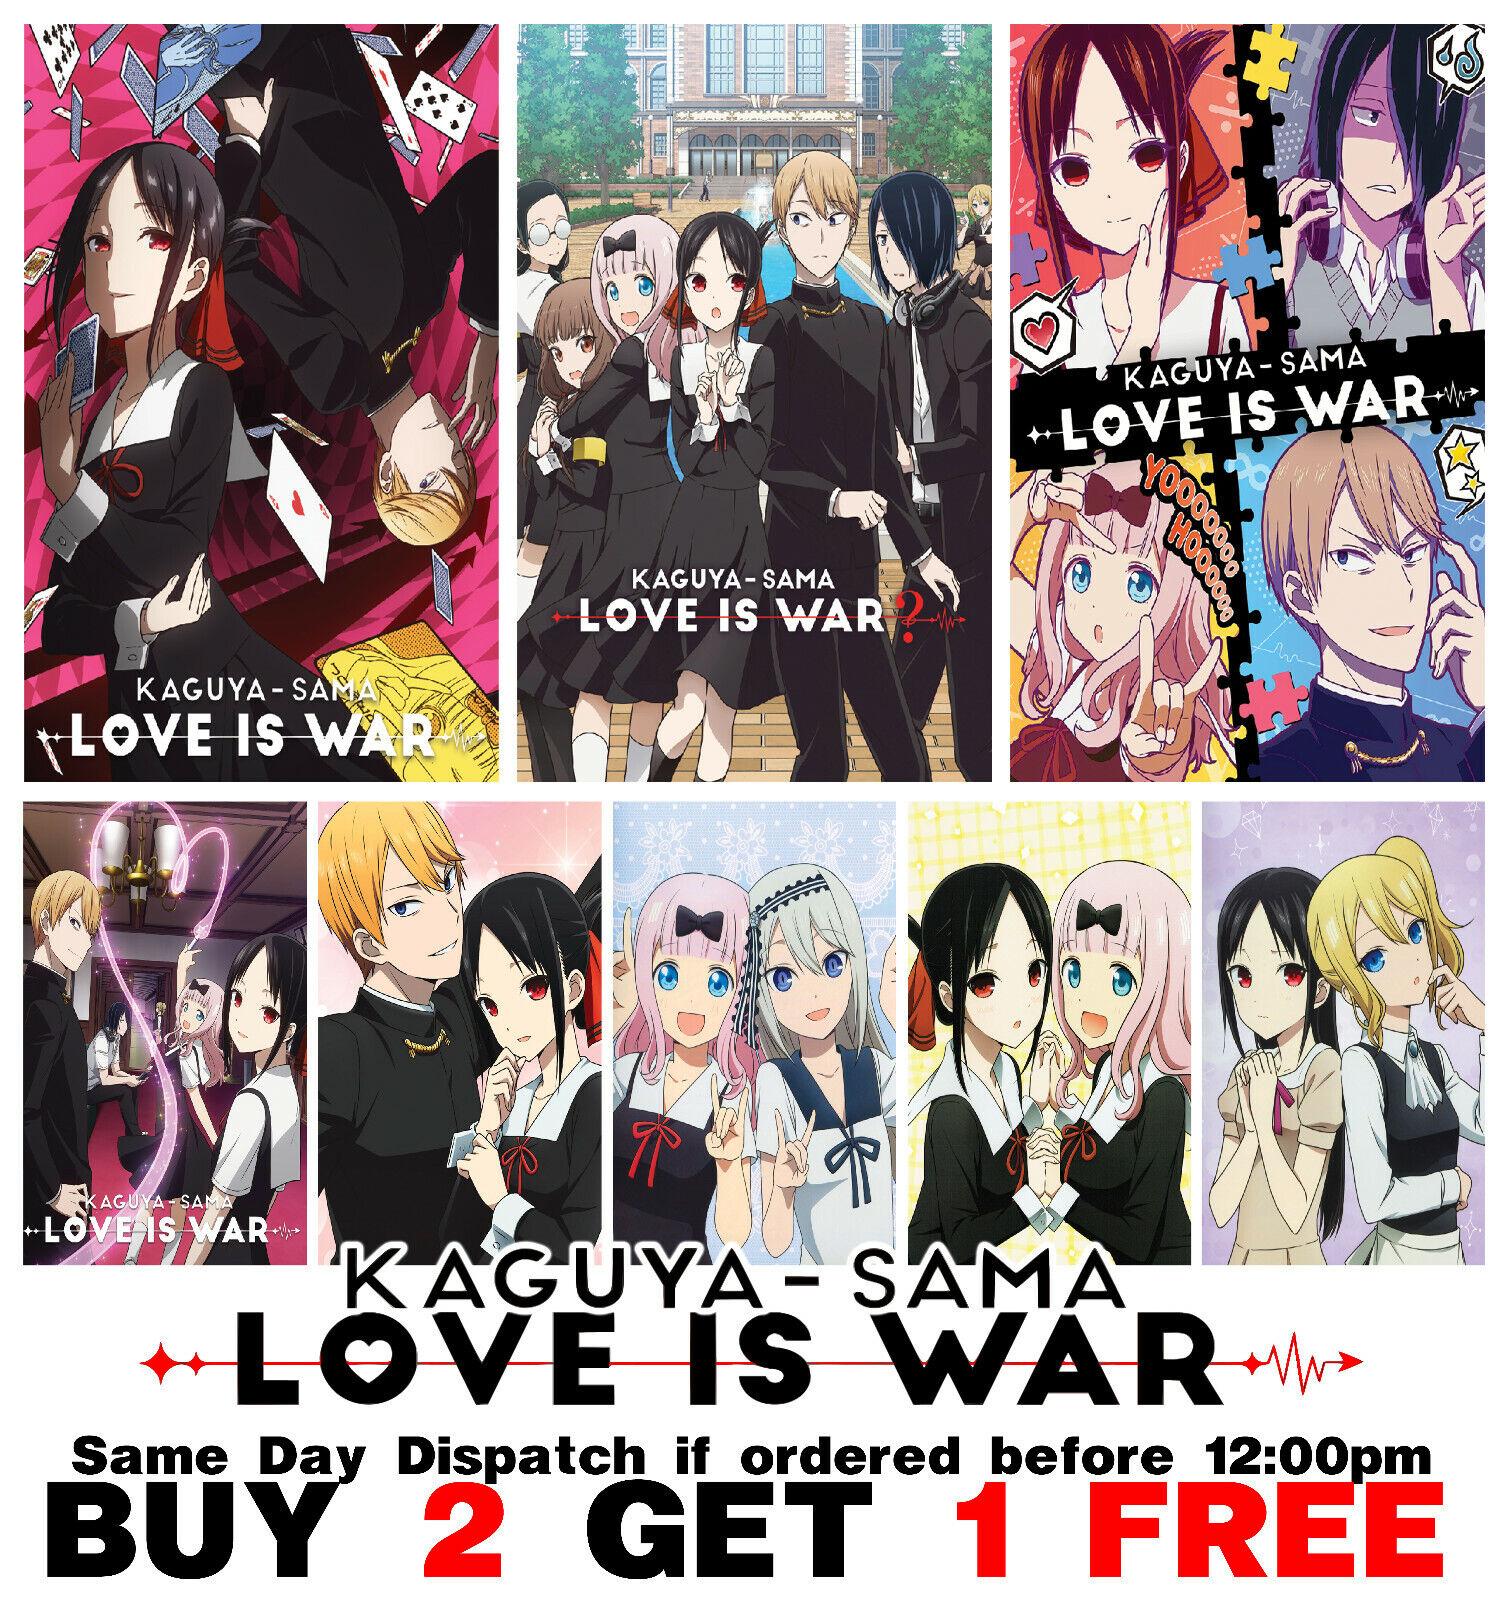 Kaguya Sama Love is War Poster Anime Manga Art Print Wall Home Room Decor Anime